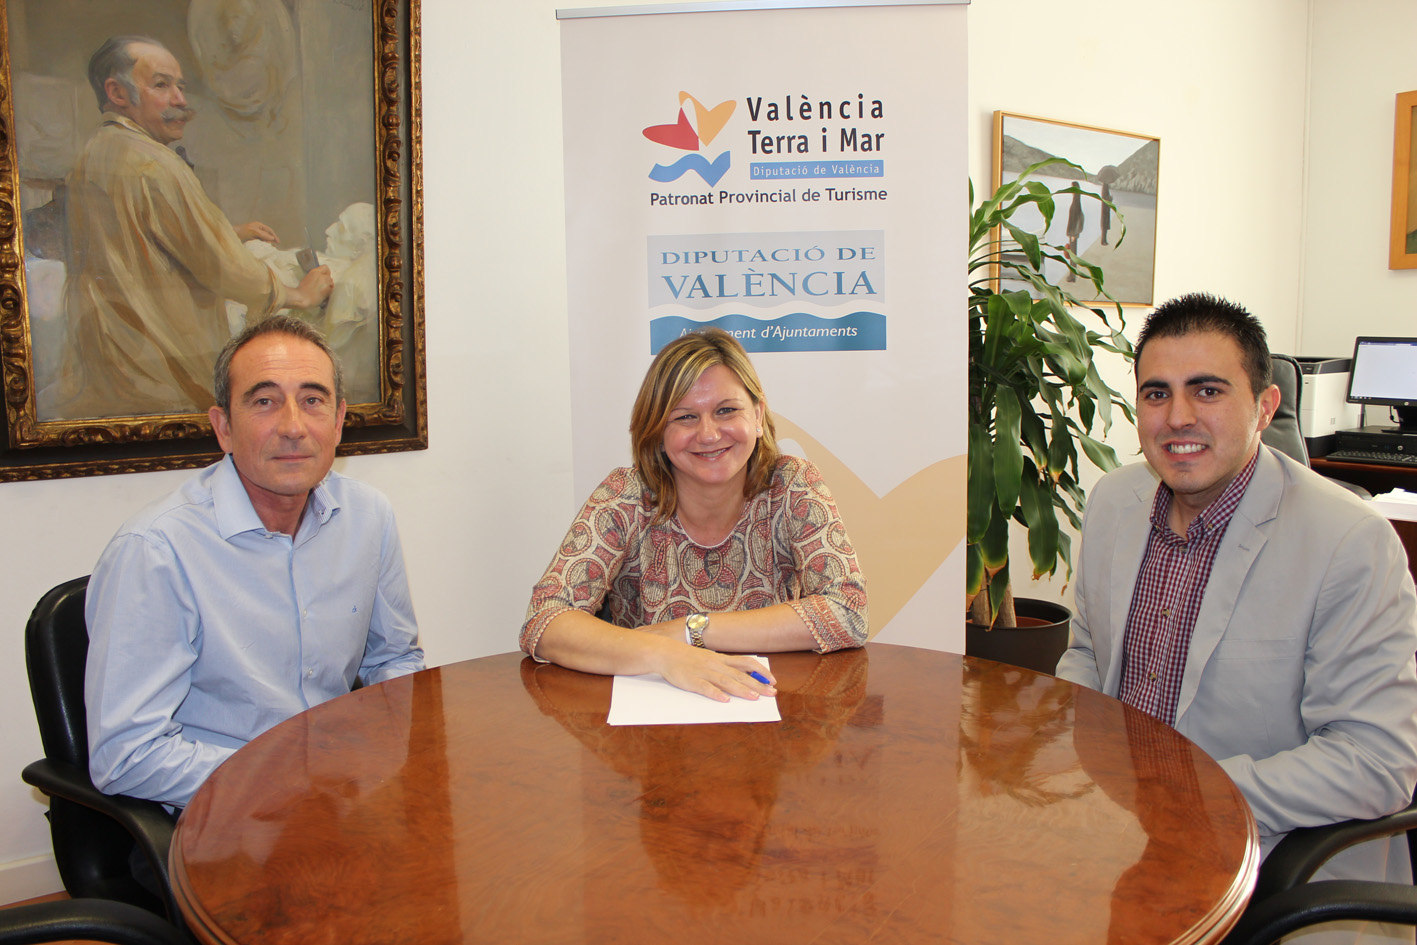 El gerente de Buinsa, Rafa Benlloch; la diputuada de Turisme, Pilar Moncho; y el concejal de Turismo de Buñol, Manuel Sierra.